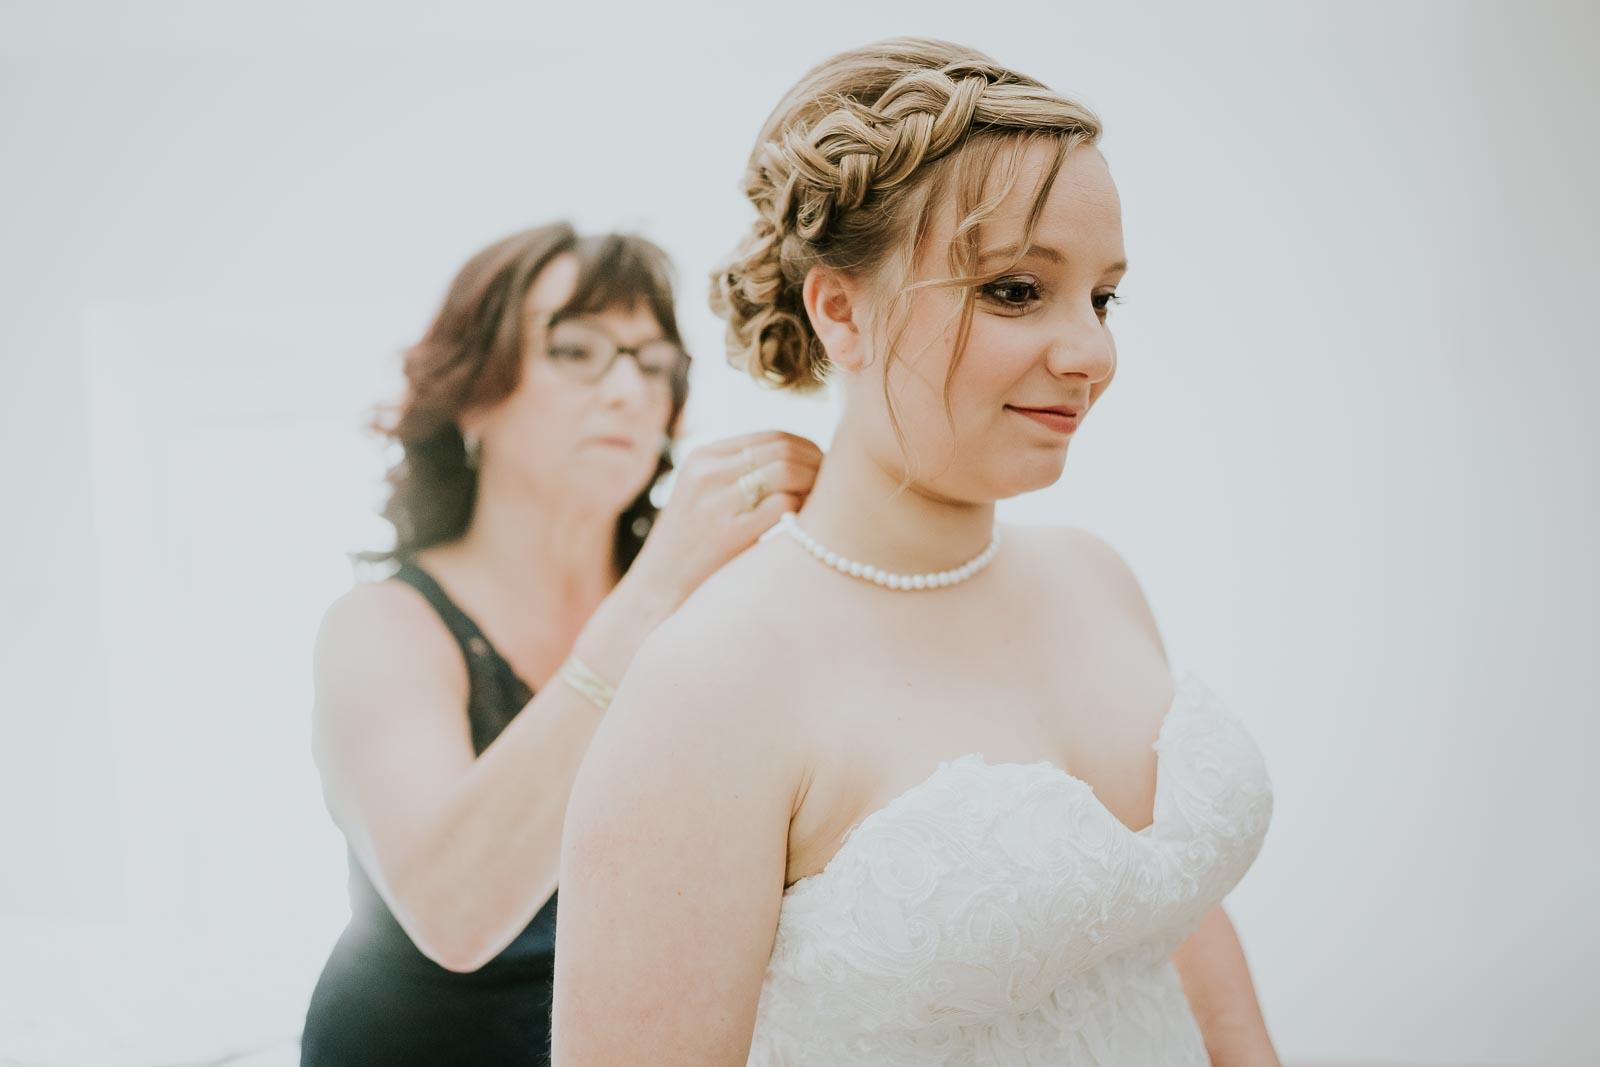 Collier de perle au cou de la mariée…